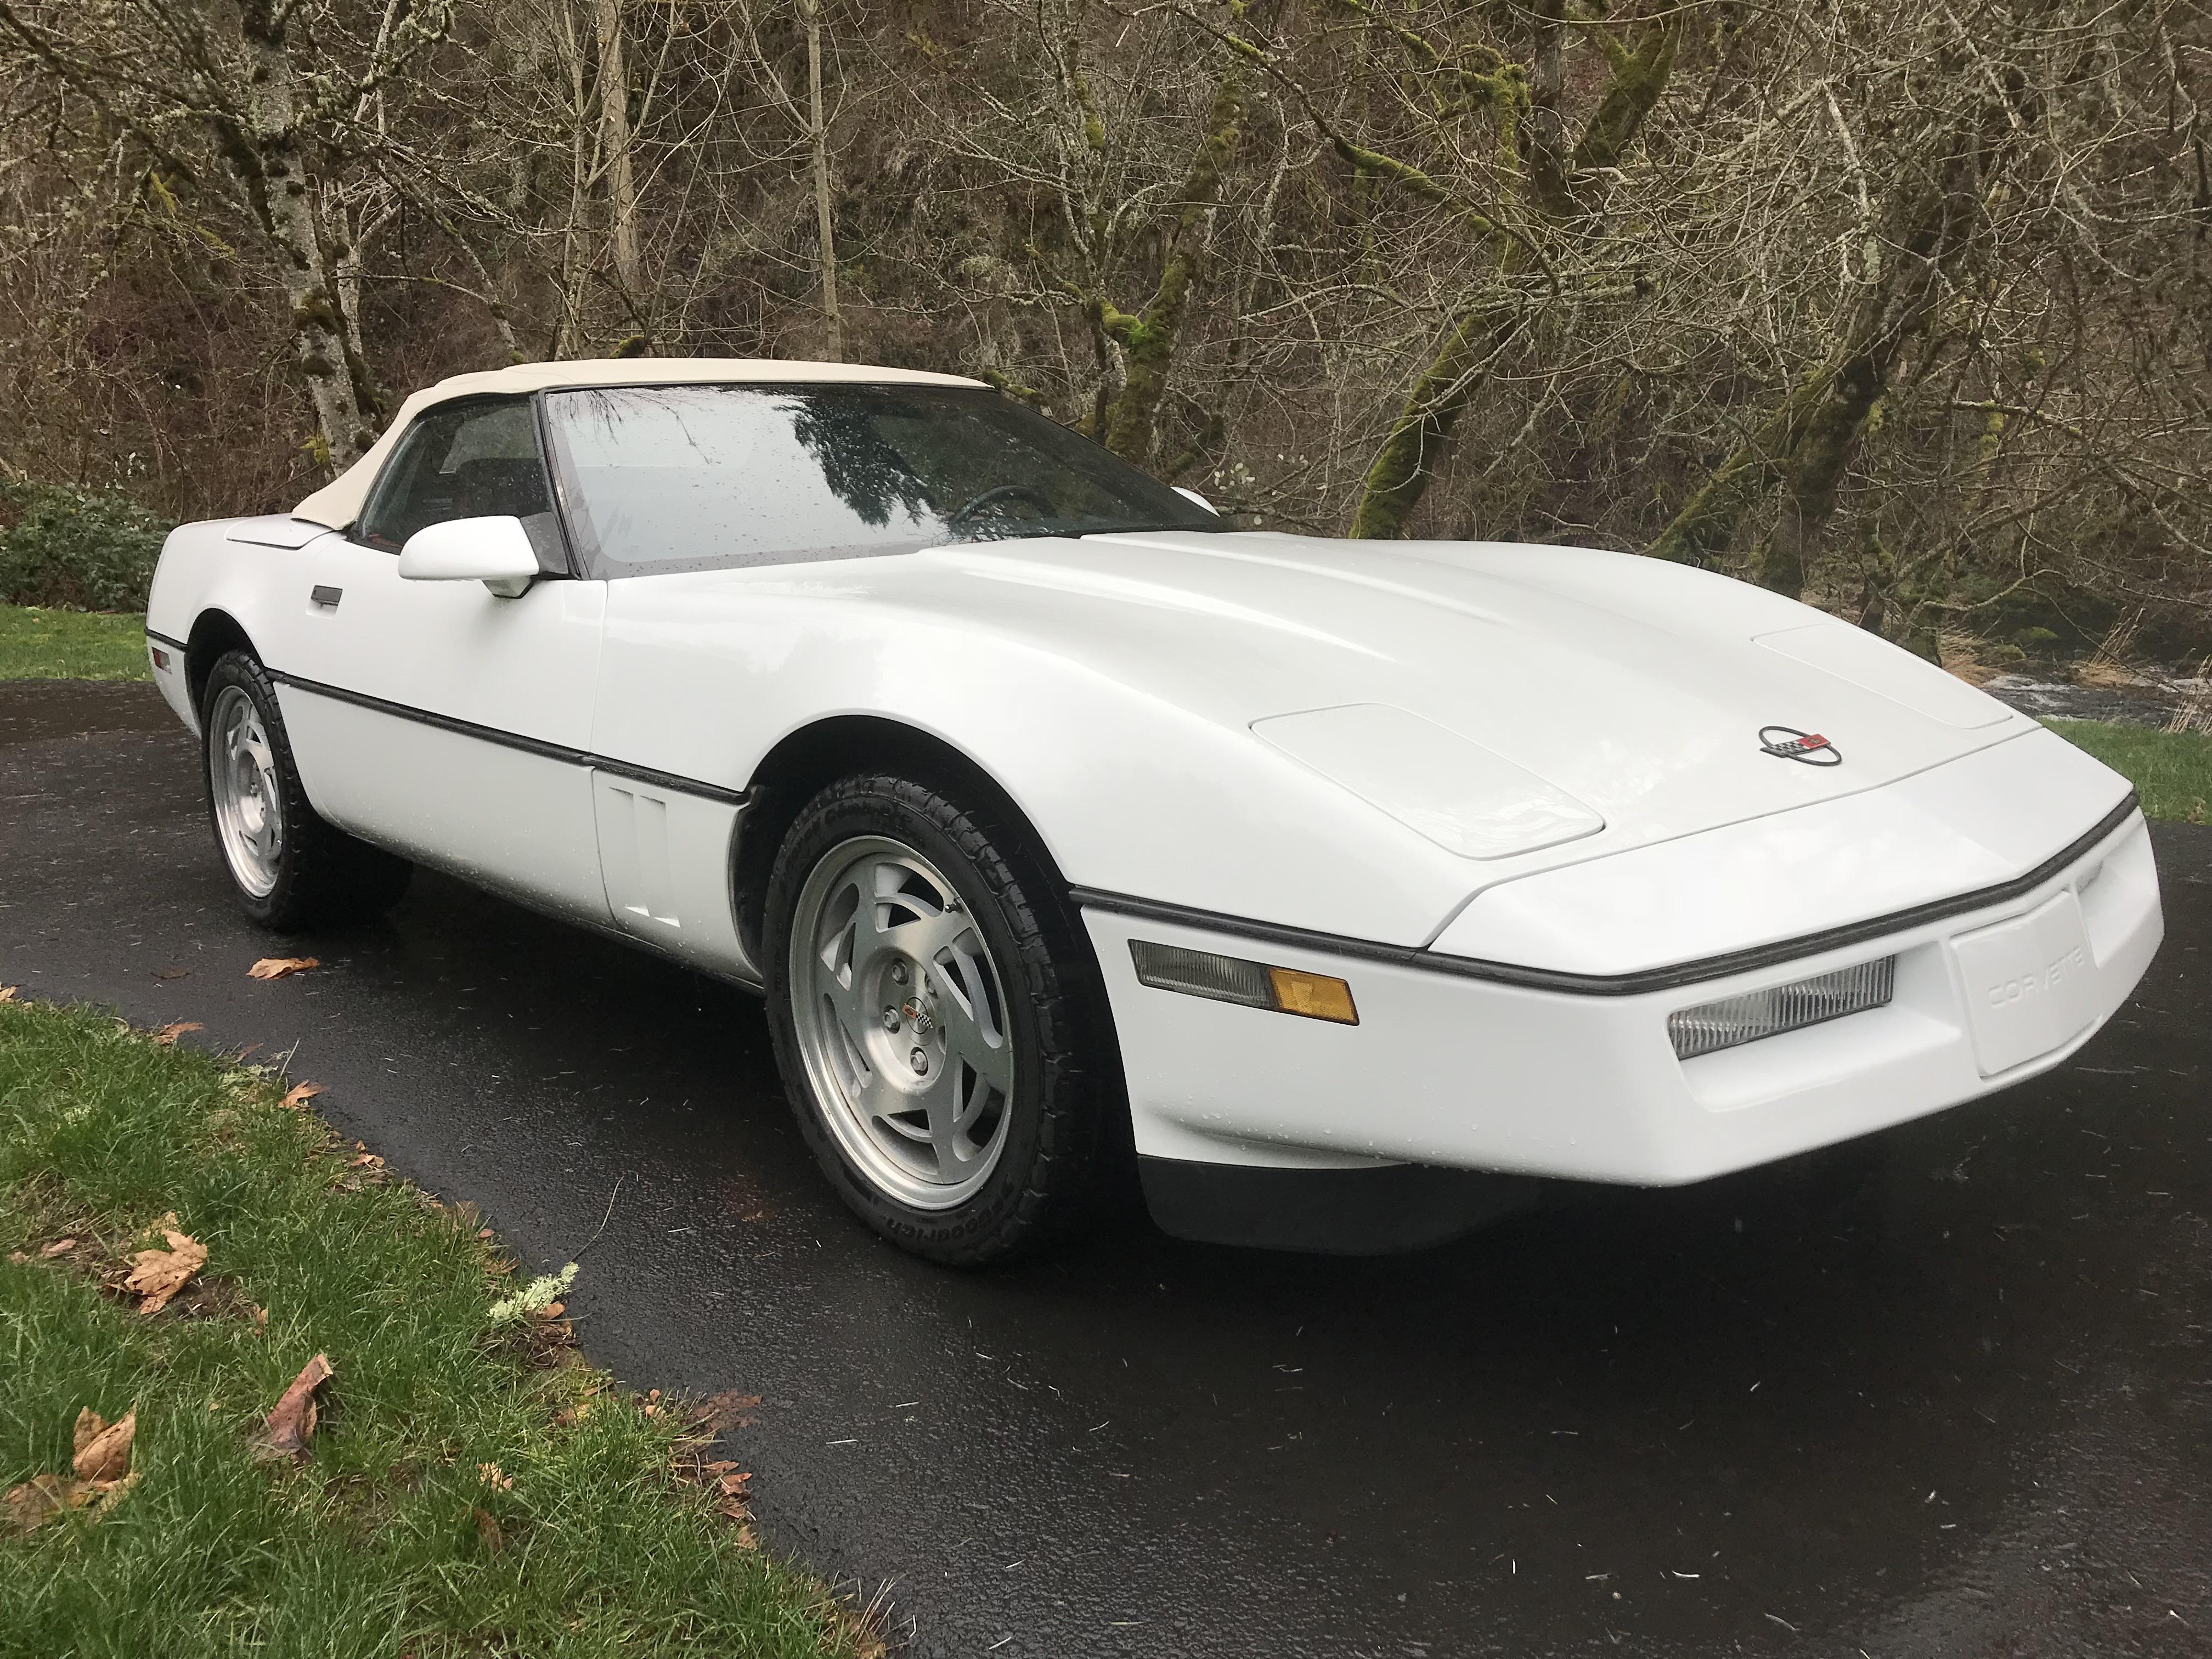 1990 Chevrolet Corvette Roadster White